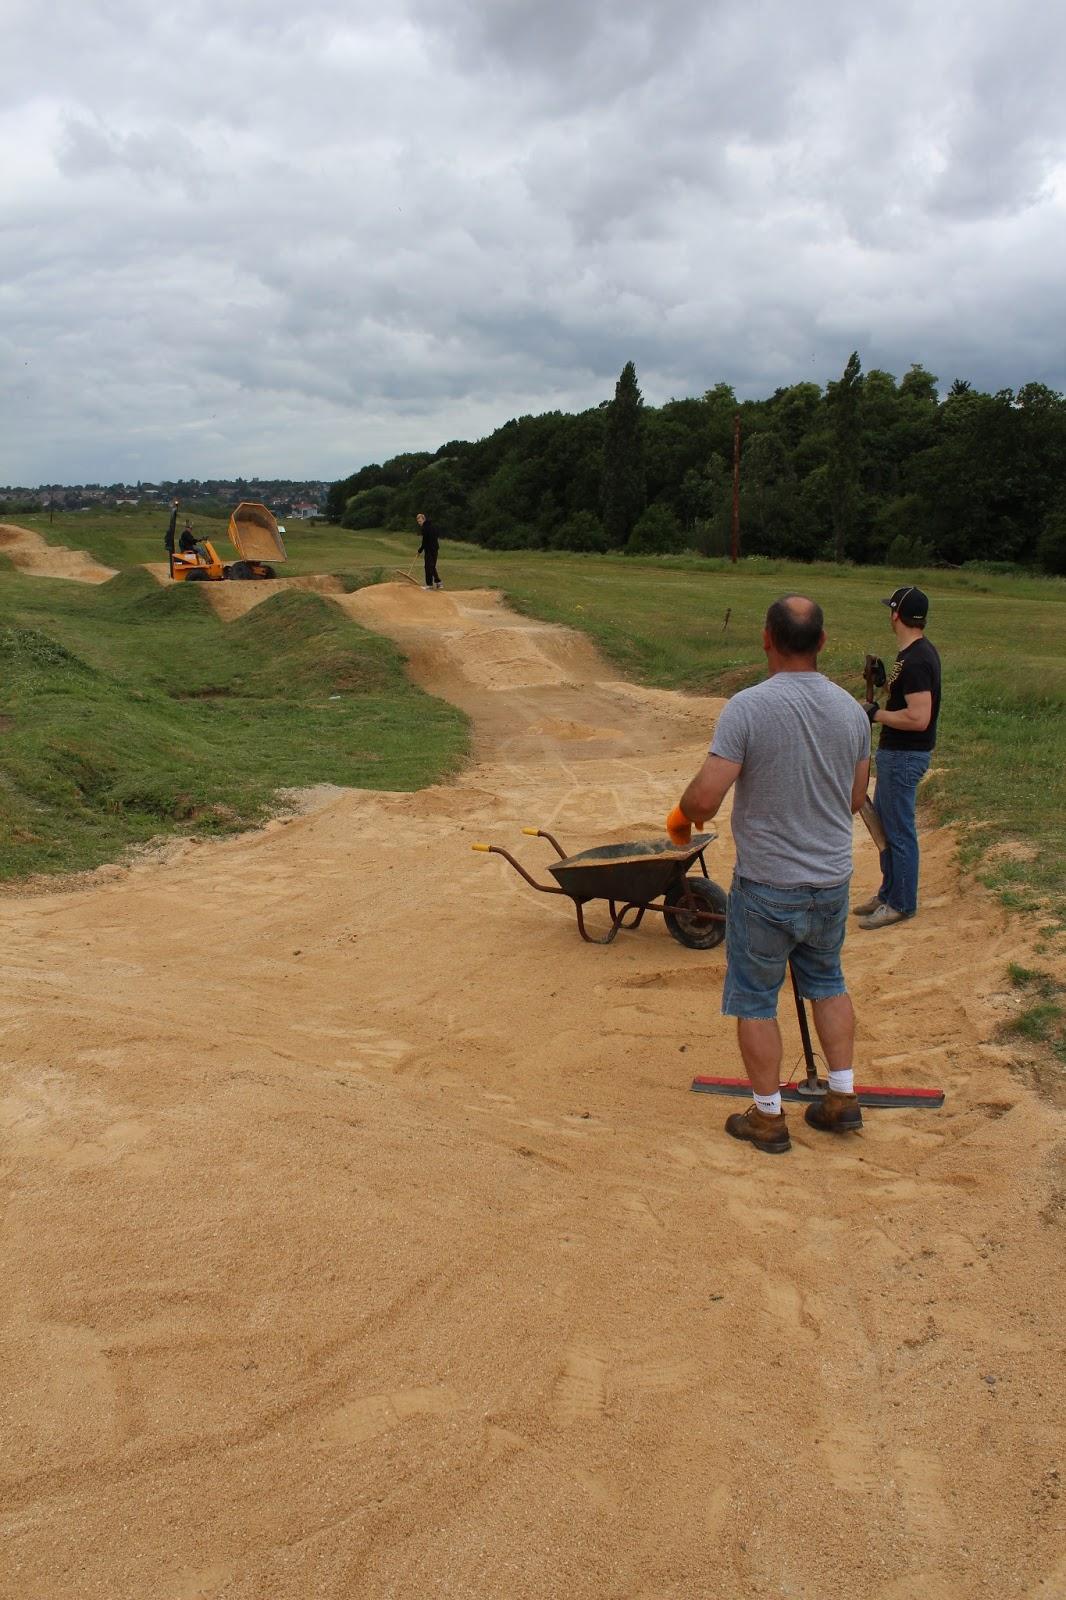 Landseer Park Ipswich Our Landseer Park Track